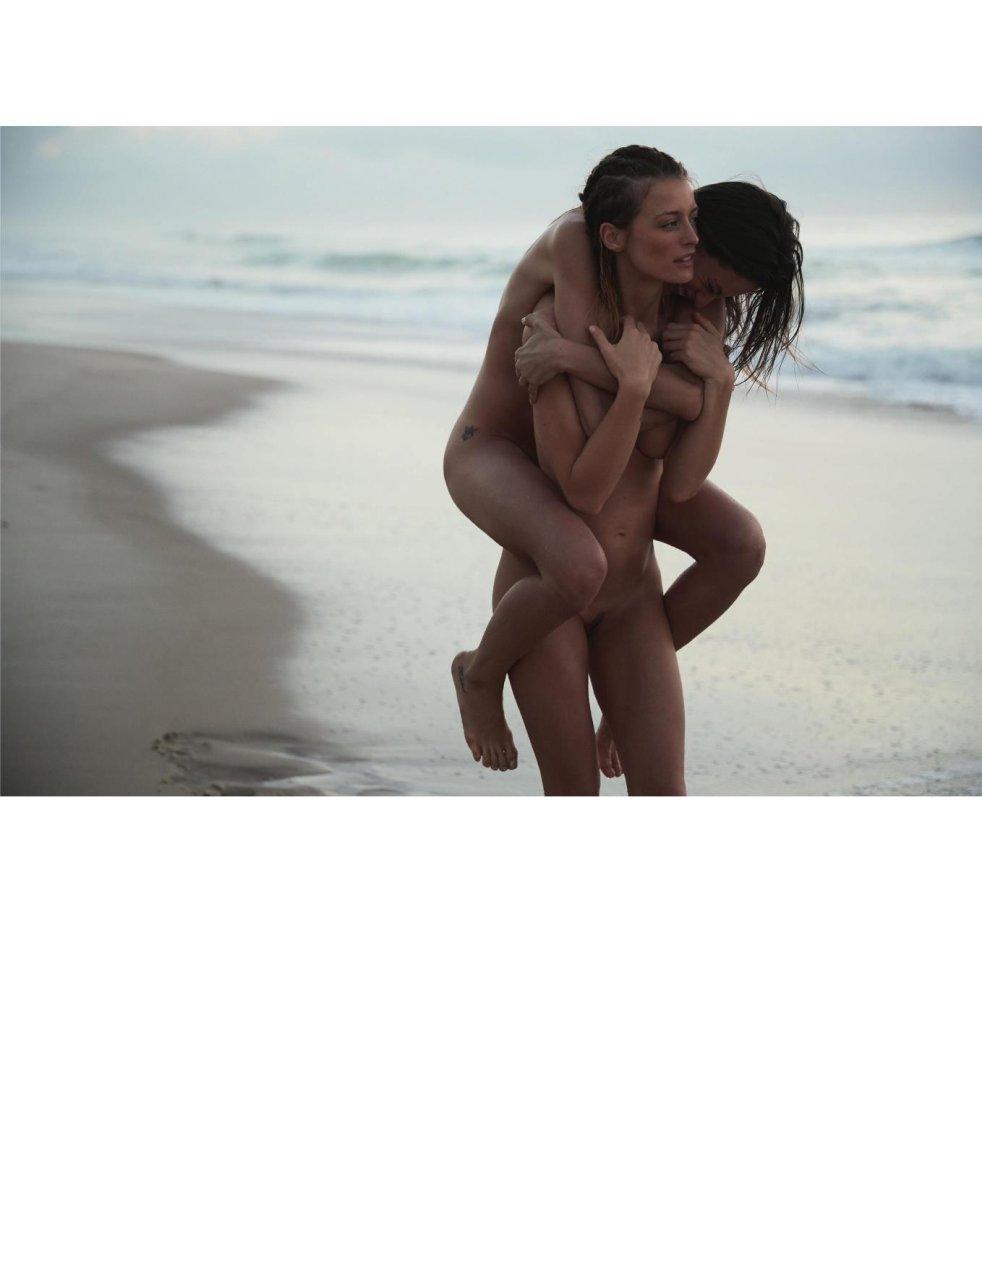 nudes Hot Barbara Cavazotti (18 pictures) Porno, Snapchat, in bikini